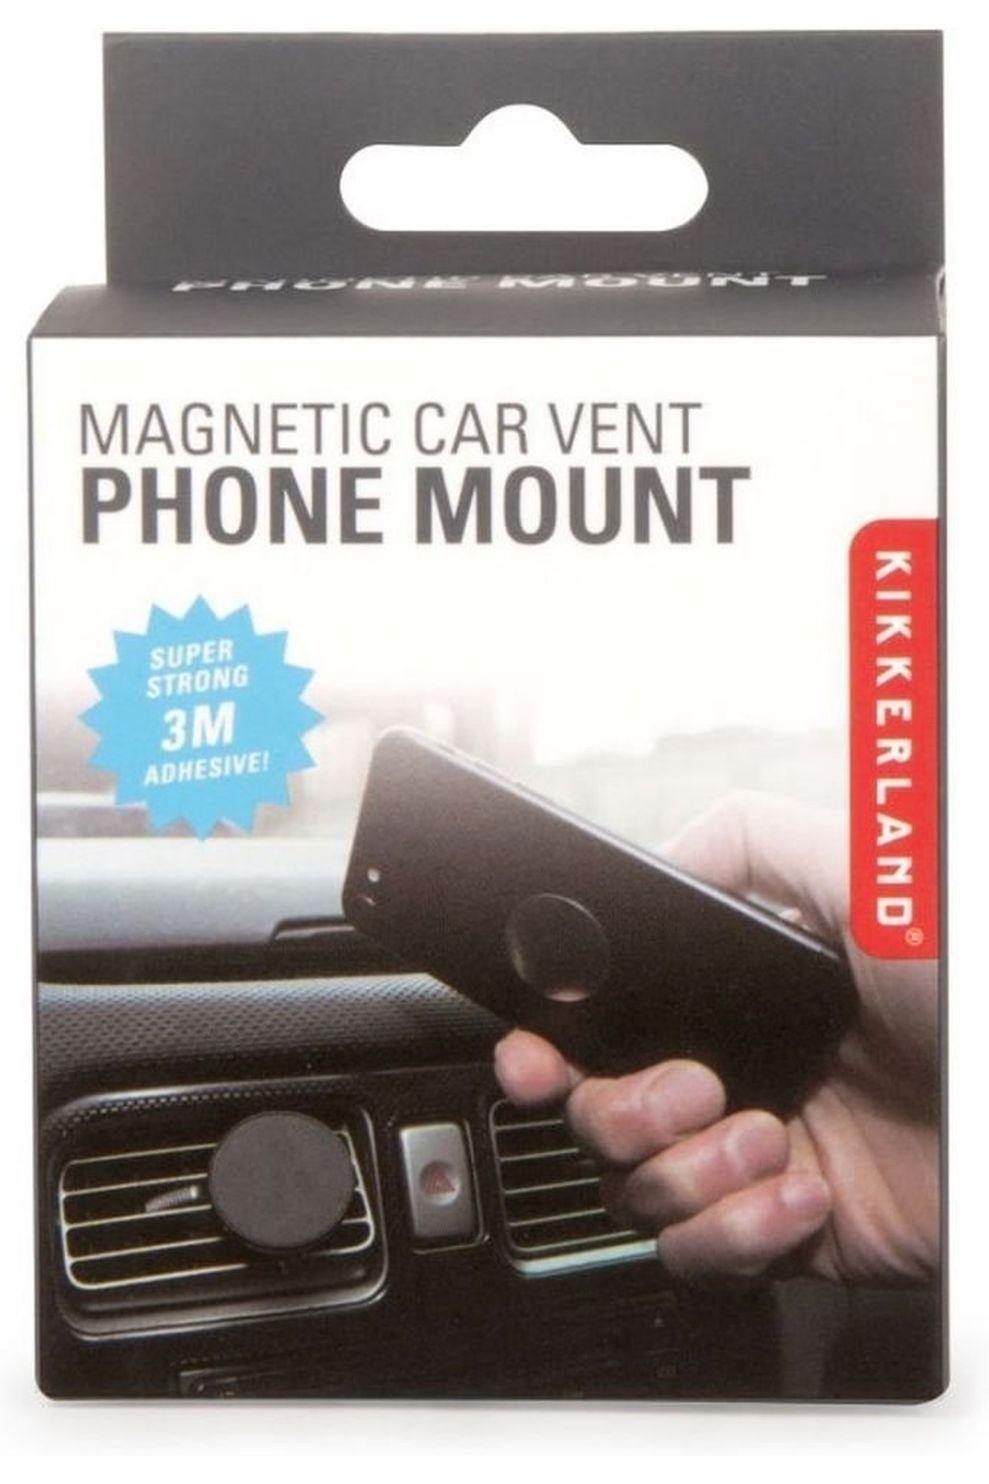 Kikkerland Smarthphone Houder Magnetic Car Vent - Zwart